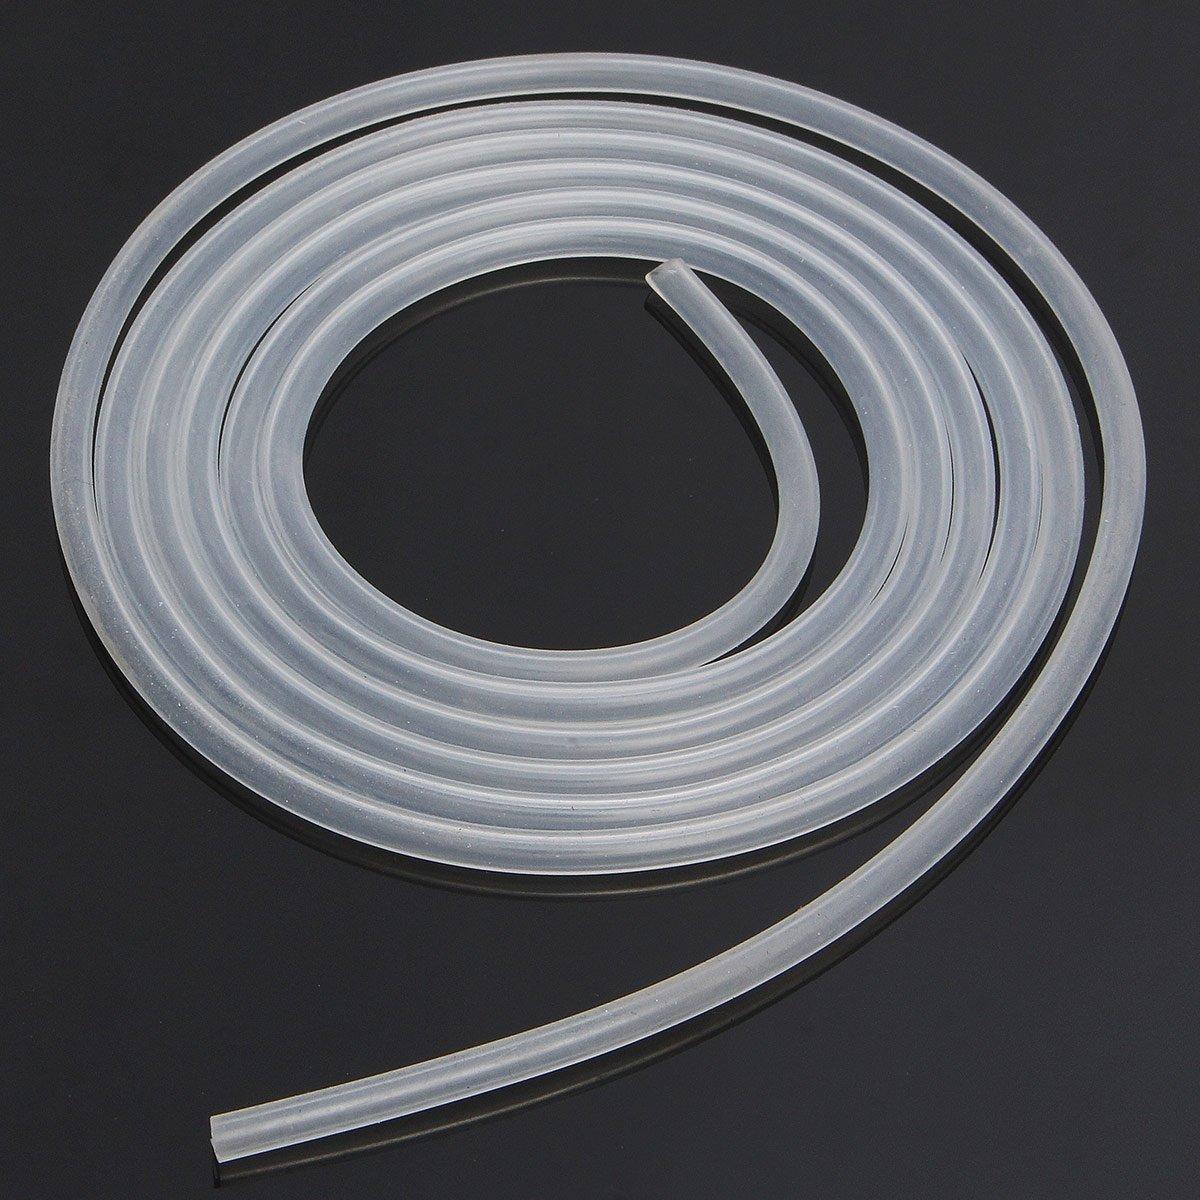 takestop® Rohr transparent weiß Acryl 8mm x 10mt Rohr Kabel flexibel für aereatori Luft Wasser Aquarium Teich Pumpe Filter Flüssigkeiten MOON 10010138